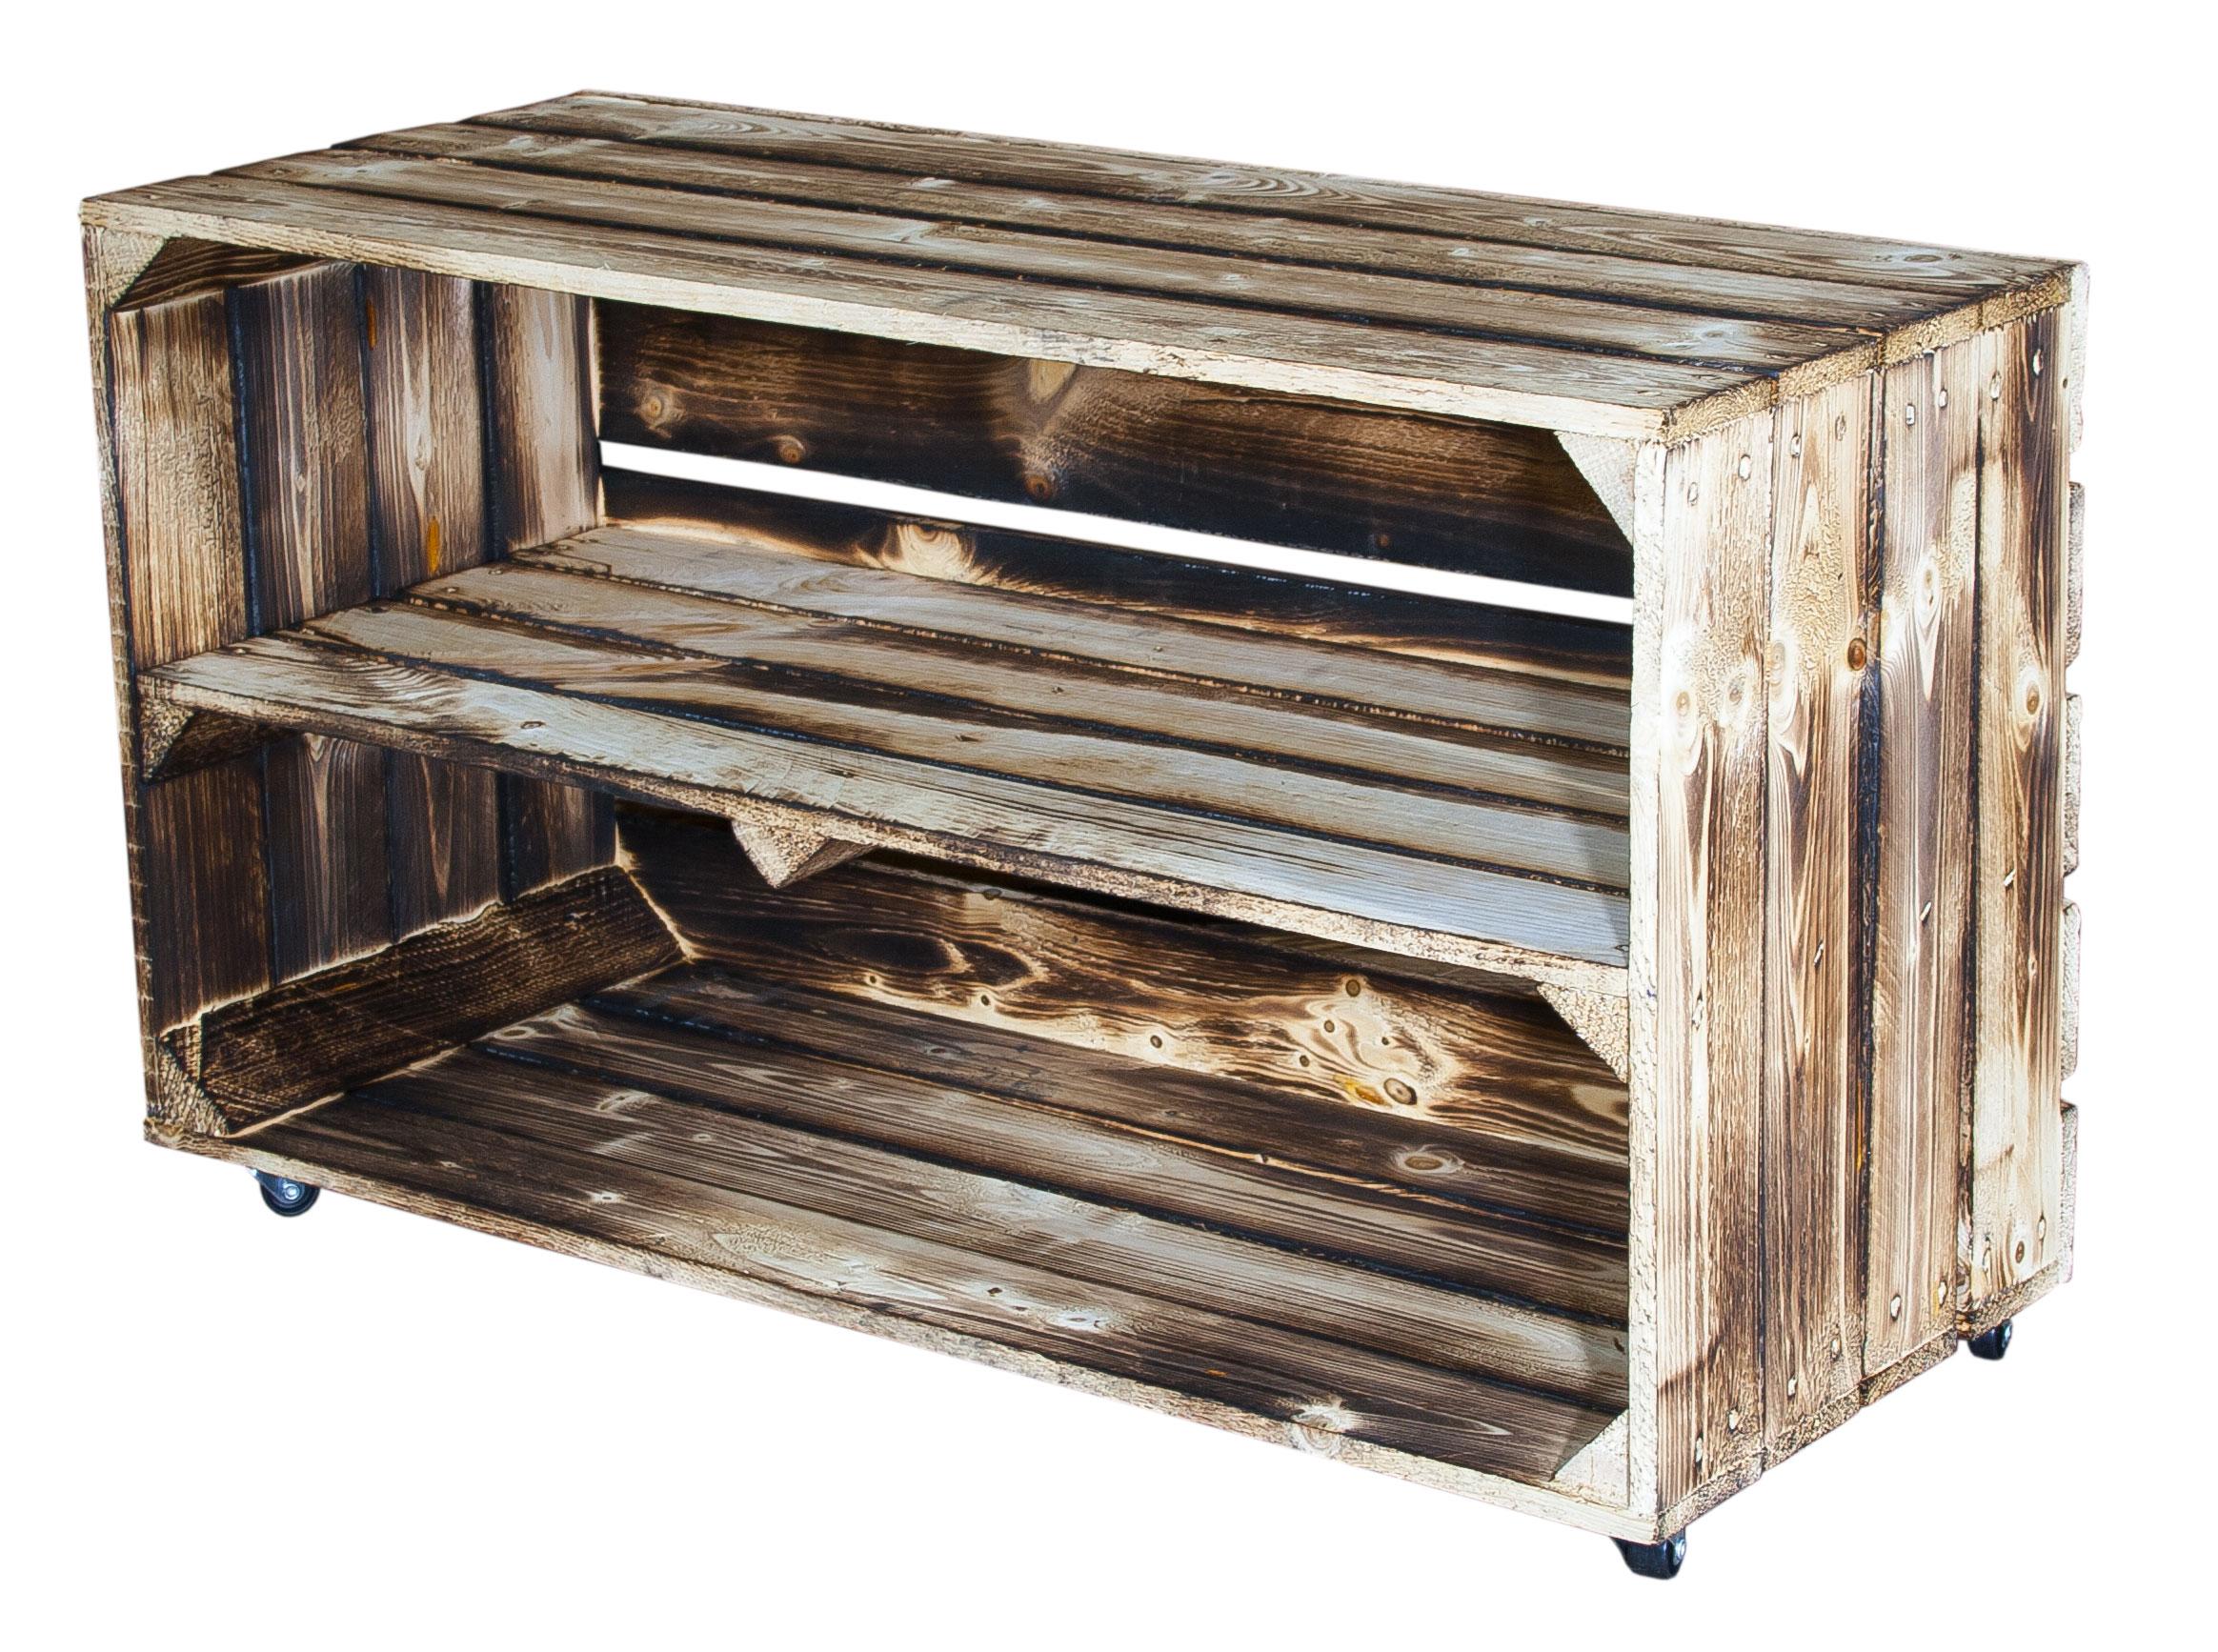 geflammte kisten gro e geflammte holzkiste mit mittelbrett auf rollen 74 5x40 5x31cm. Black Bedroom Furniture Sets. Home Design Ideas